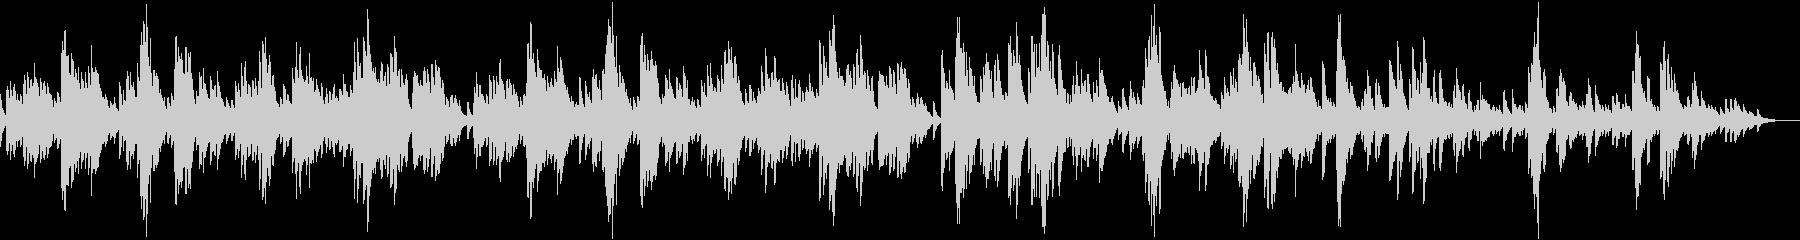 旋律の美しいゆっくりなピアノの曲の未再生の波形